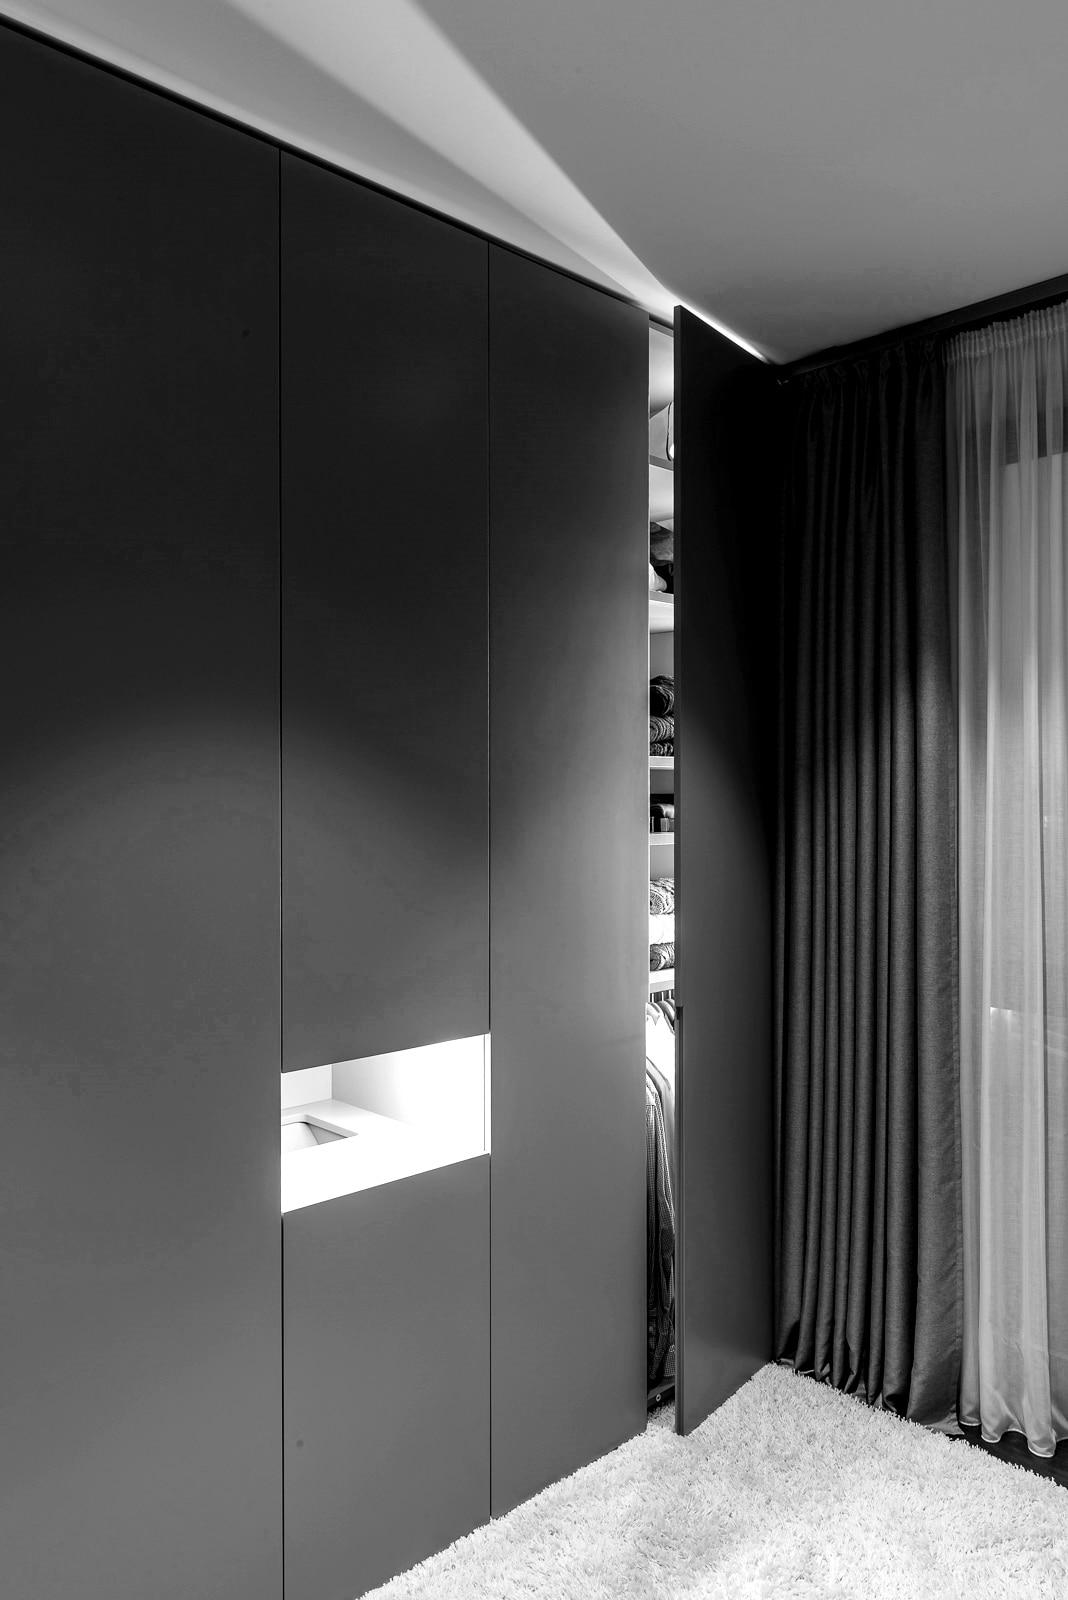 Innenarchitektur und Planung - Schwarze Inneneinrichtung im Schlafzimmer, halb geöffneter Kleiderschrank mit Wäscheeinwurf daneben